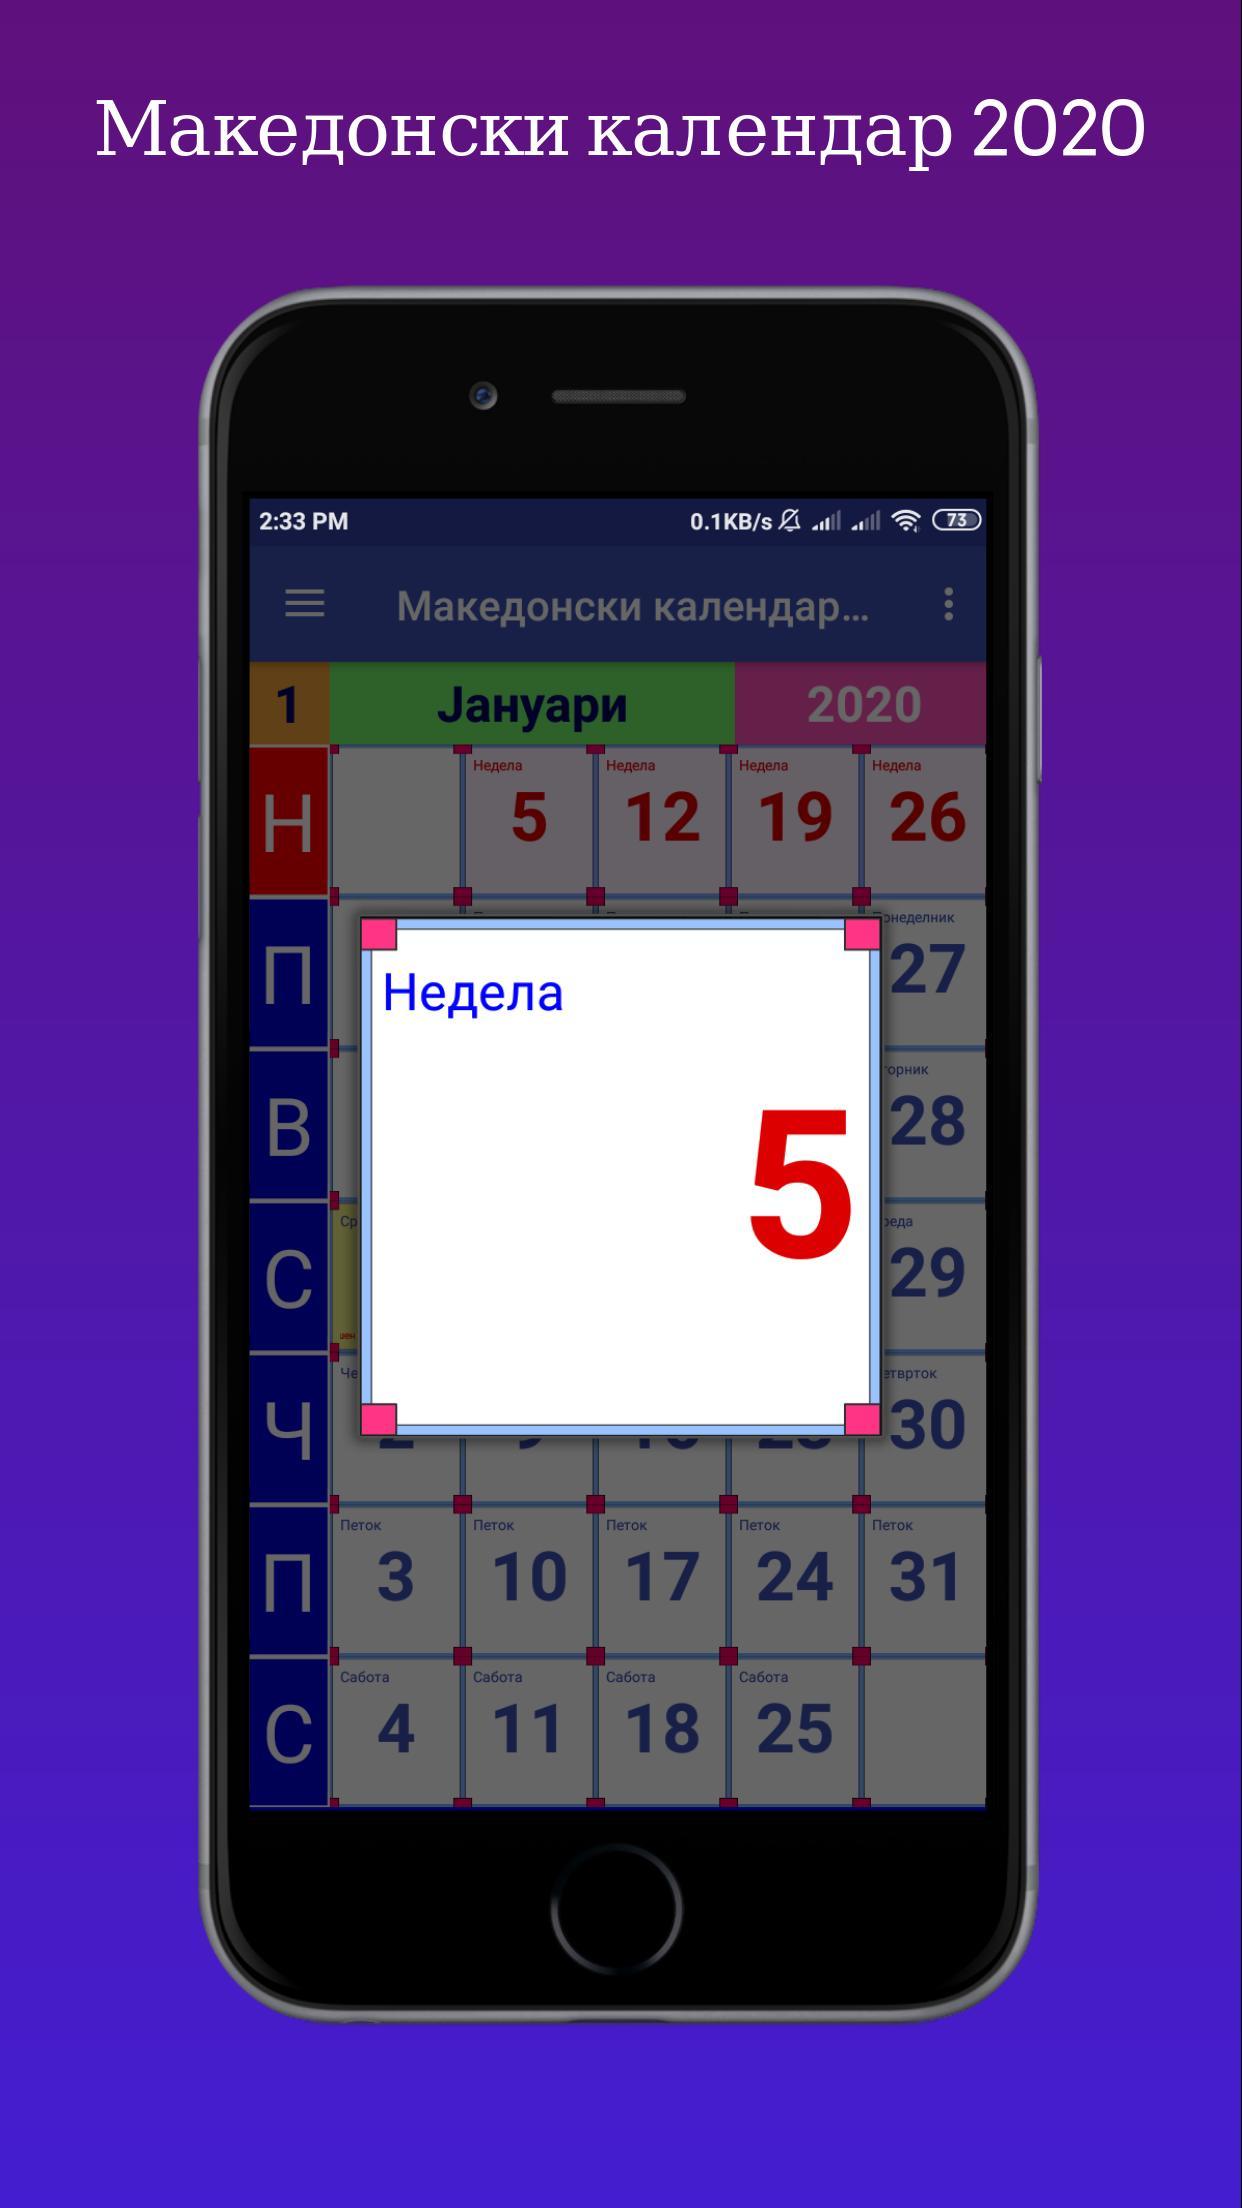 Македонски Календар 2020 Для Андроид – Скачать Apk:rut